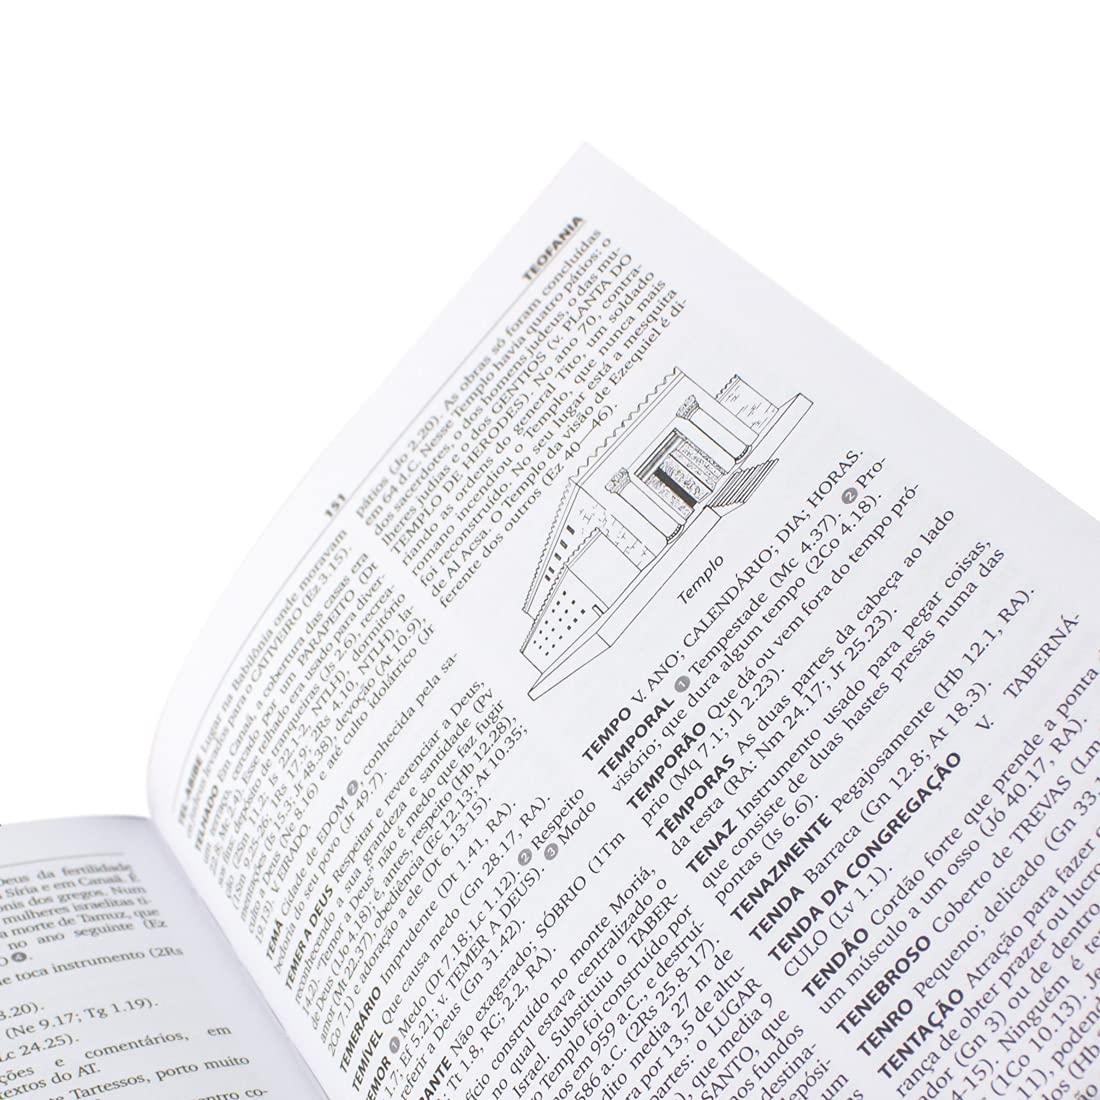 Dicionário da Bíblia de Almeida  2ª Edição: Almeida Revista e Corrigida (ARC) - Edição Acadêmica  - Universo Bíblico Rs